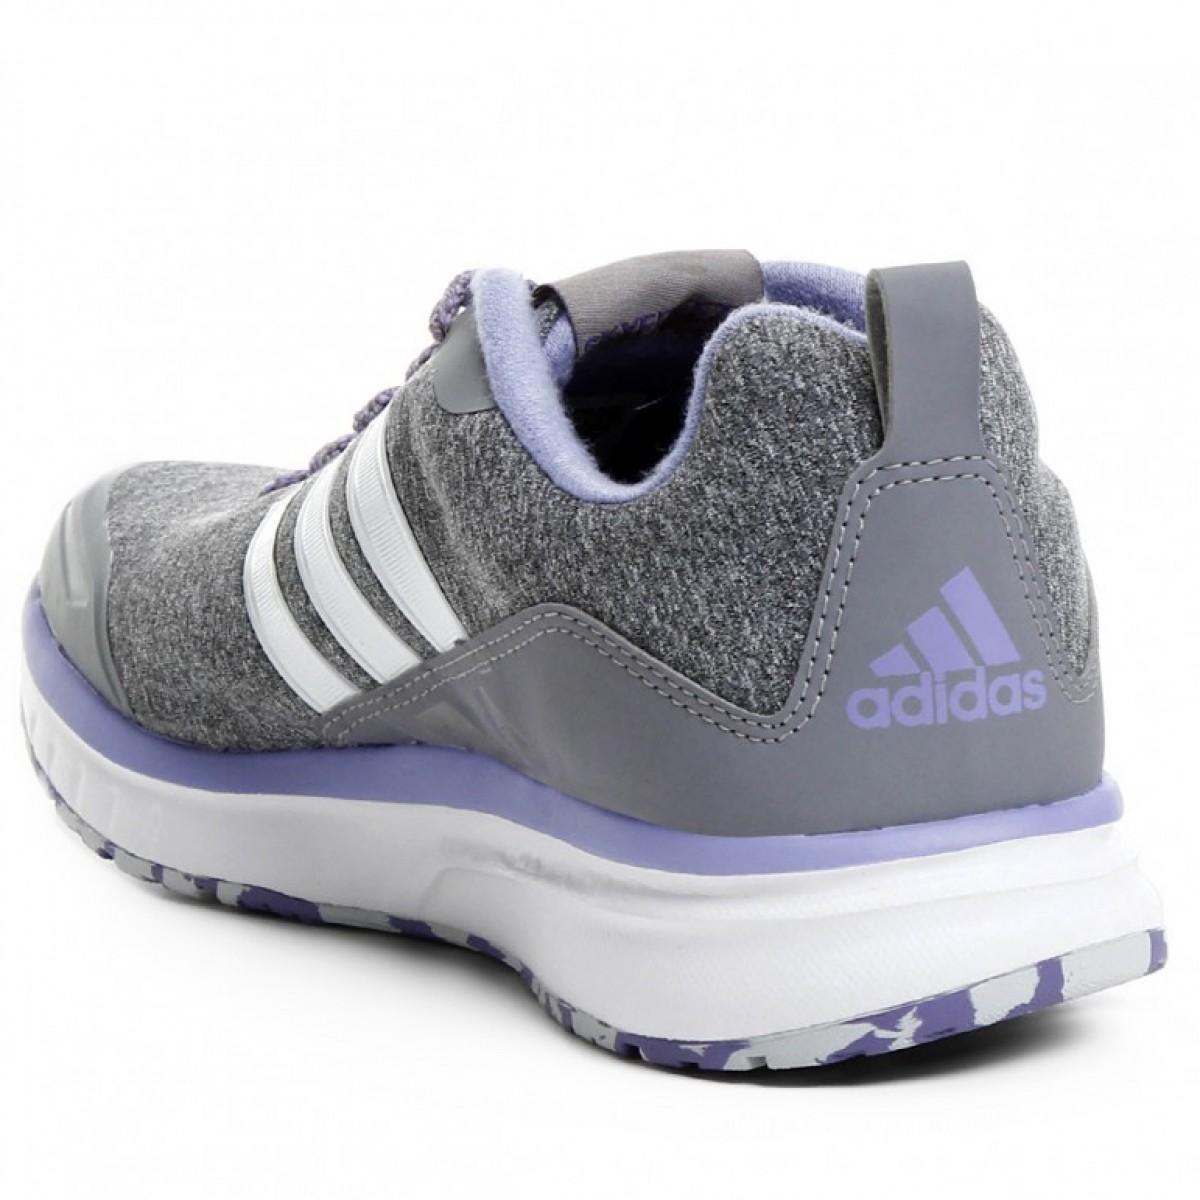 e28fbdc9d86 ... Tênis Adidas Skyfreeze Feminino - Cinza e Lilás ...